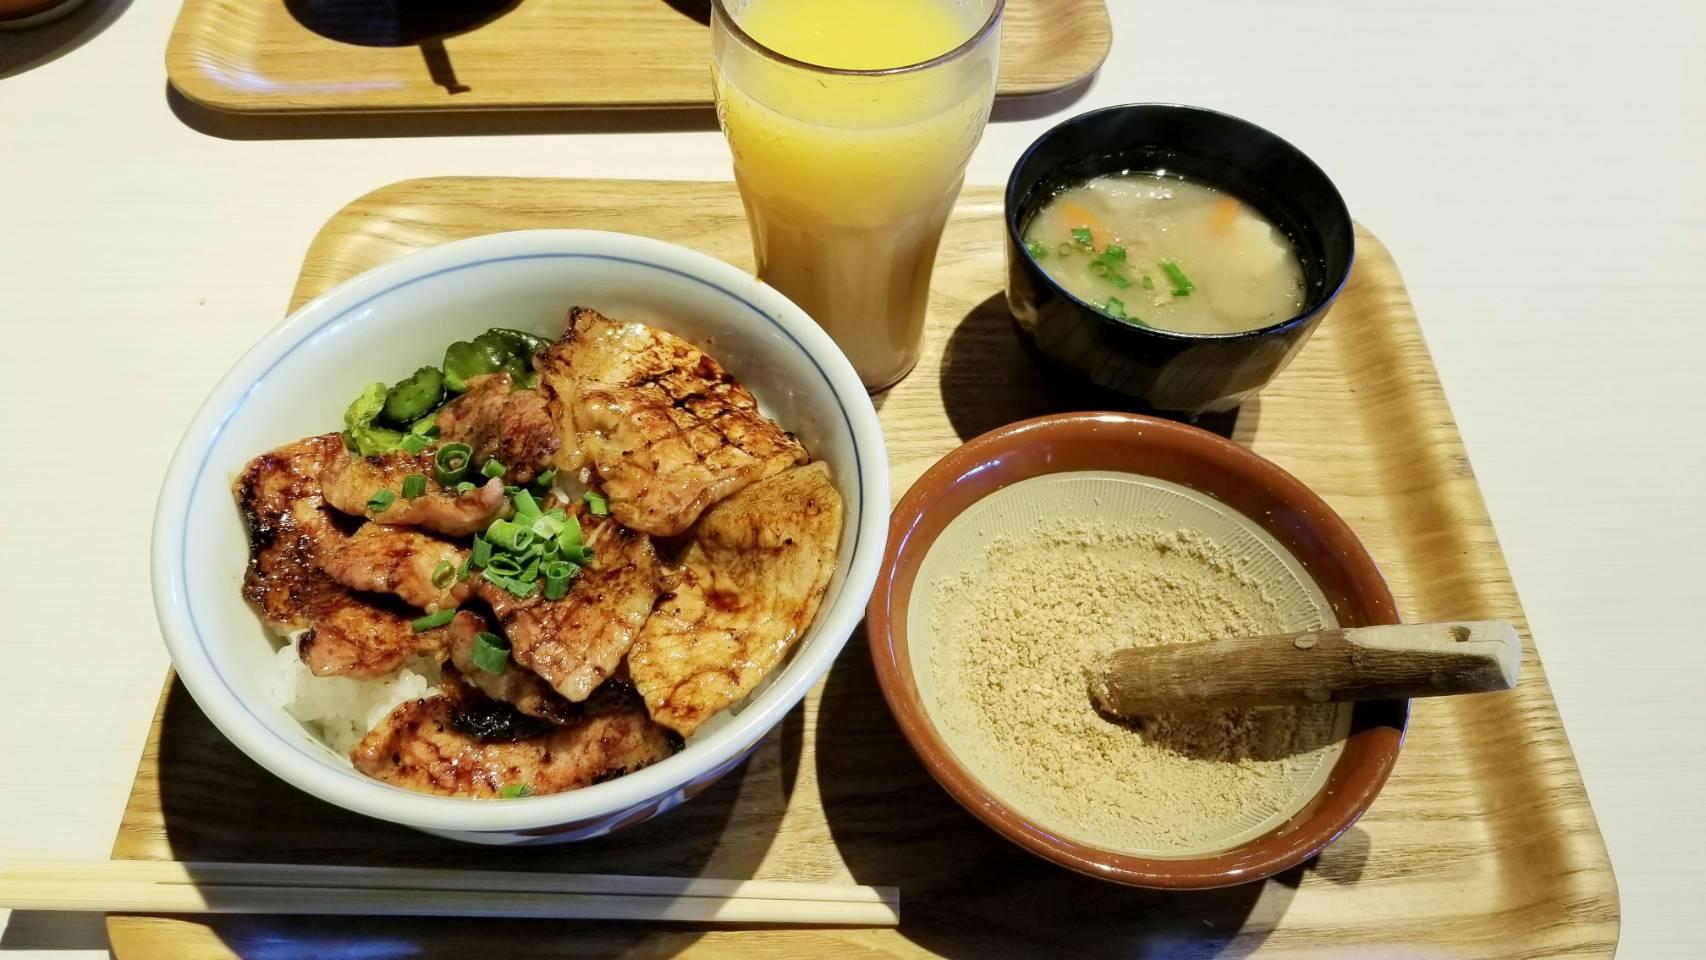 愛媛県松山市グルメおいしい豚丼マテラワンコインランチパスポート